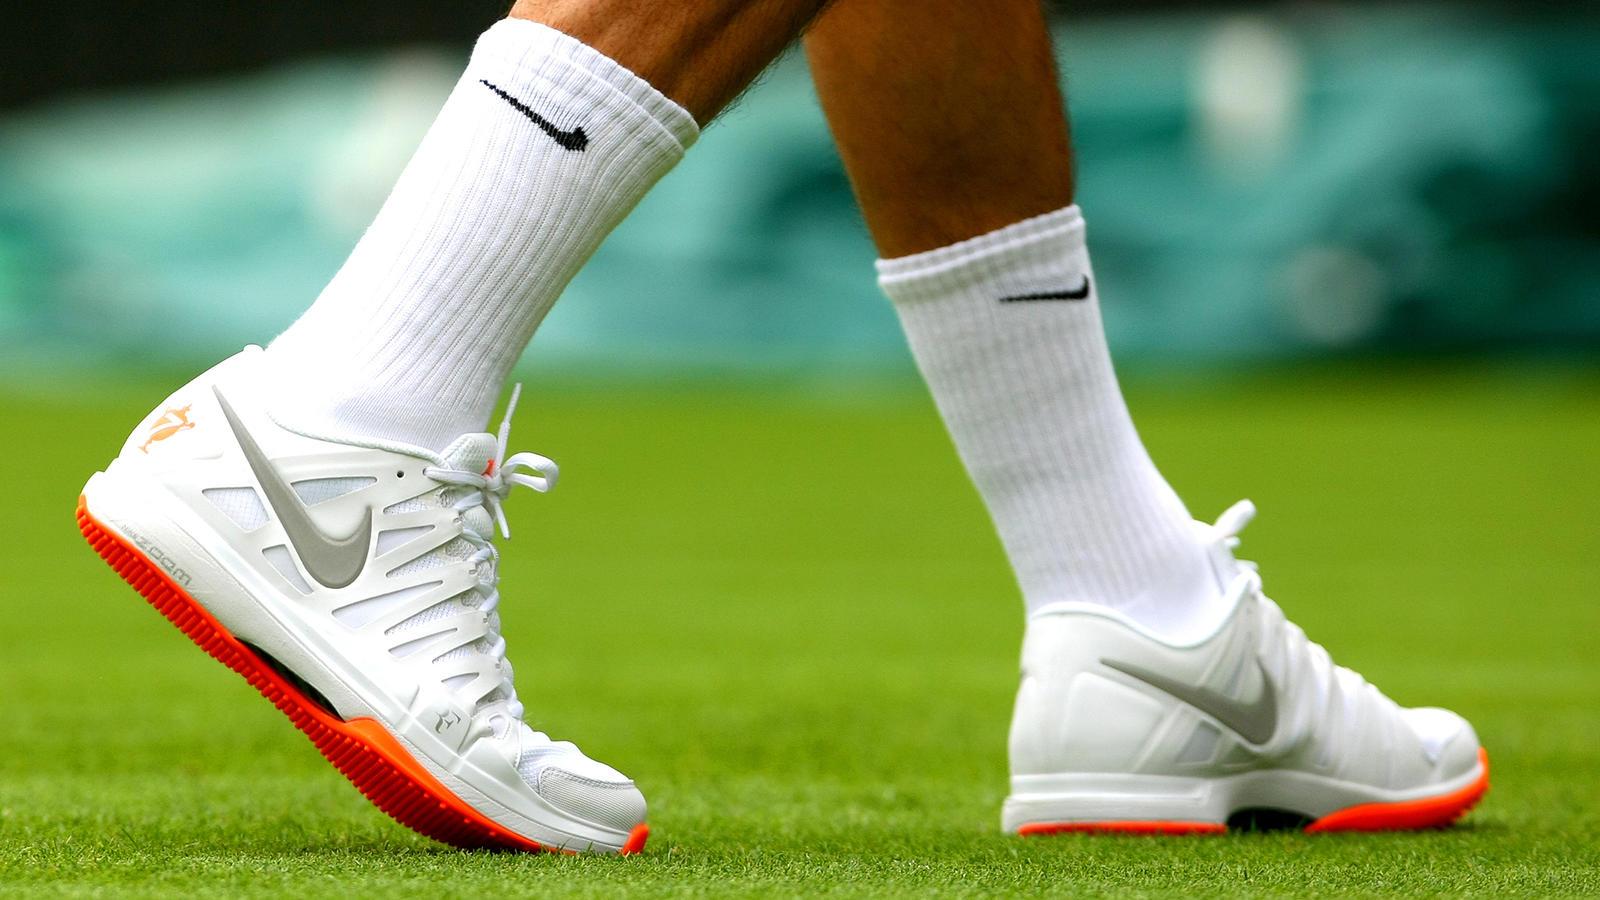 Roger Boundaries New Nike Federer Le 9 Zoom Vapor Tour Pushes In wP0nOk